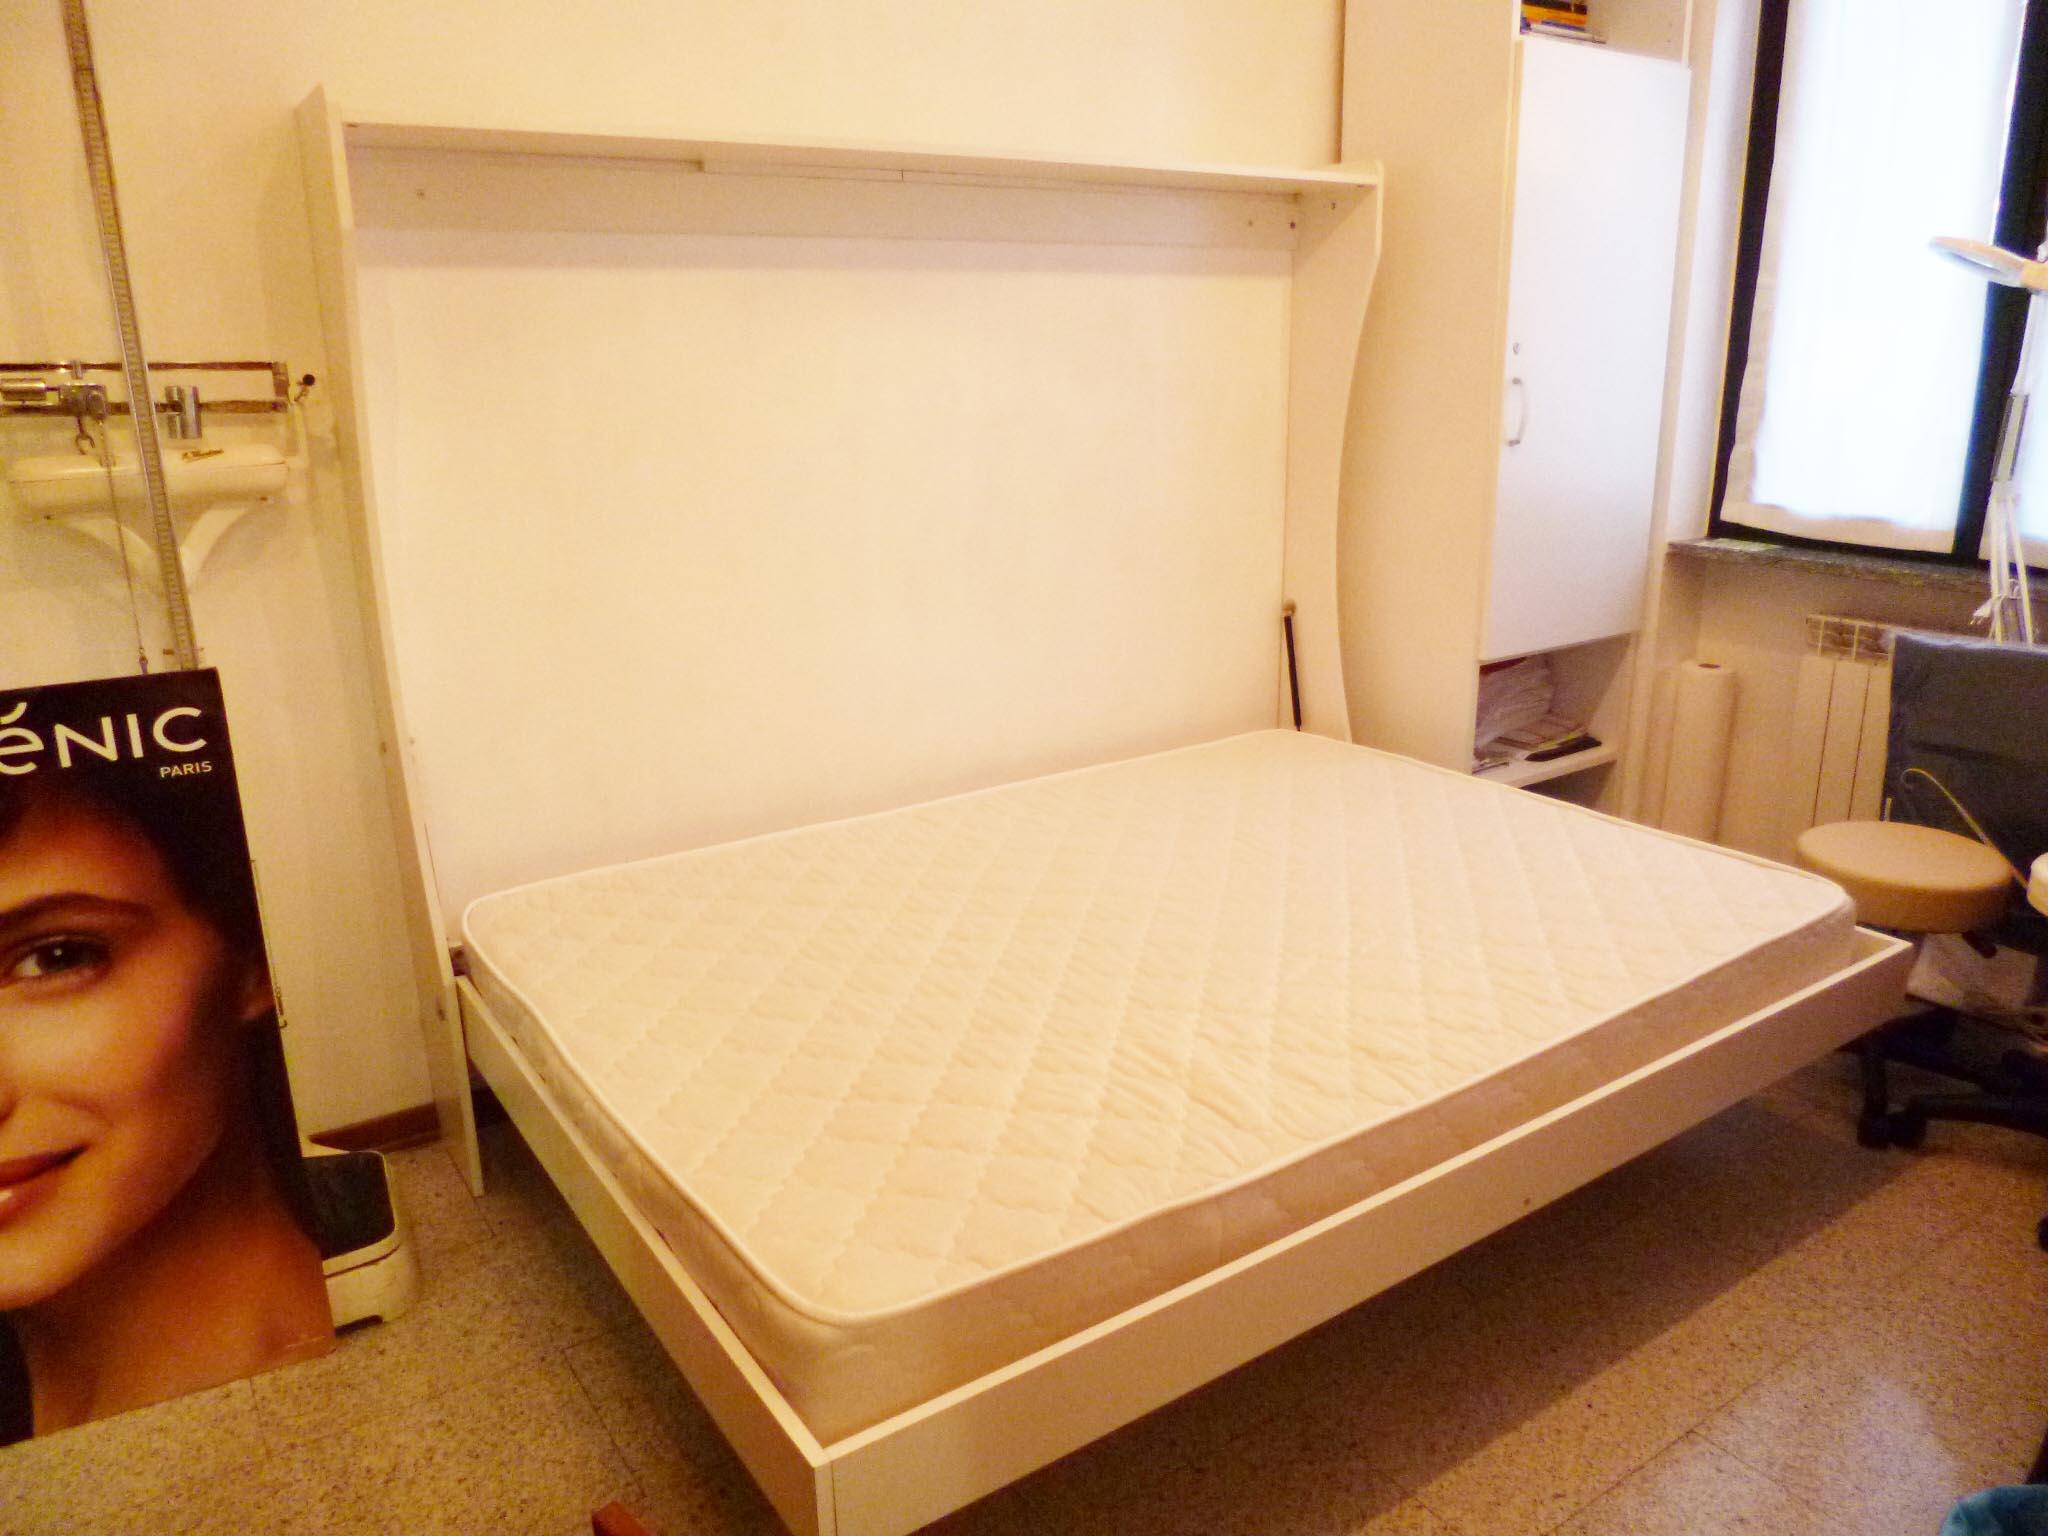 """Letto a parete, una piazza e mezza """"Consolle Bed"""""""